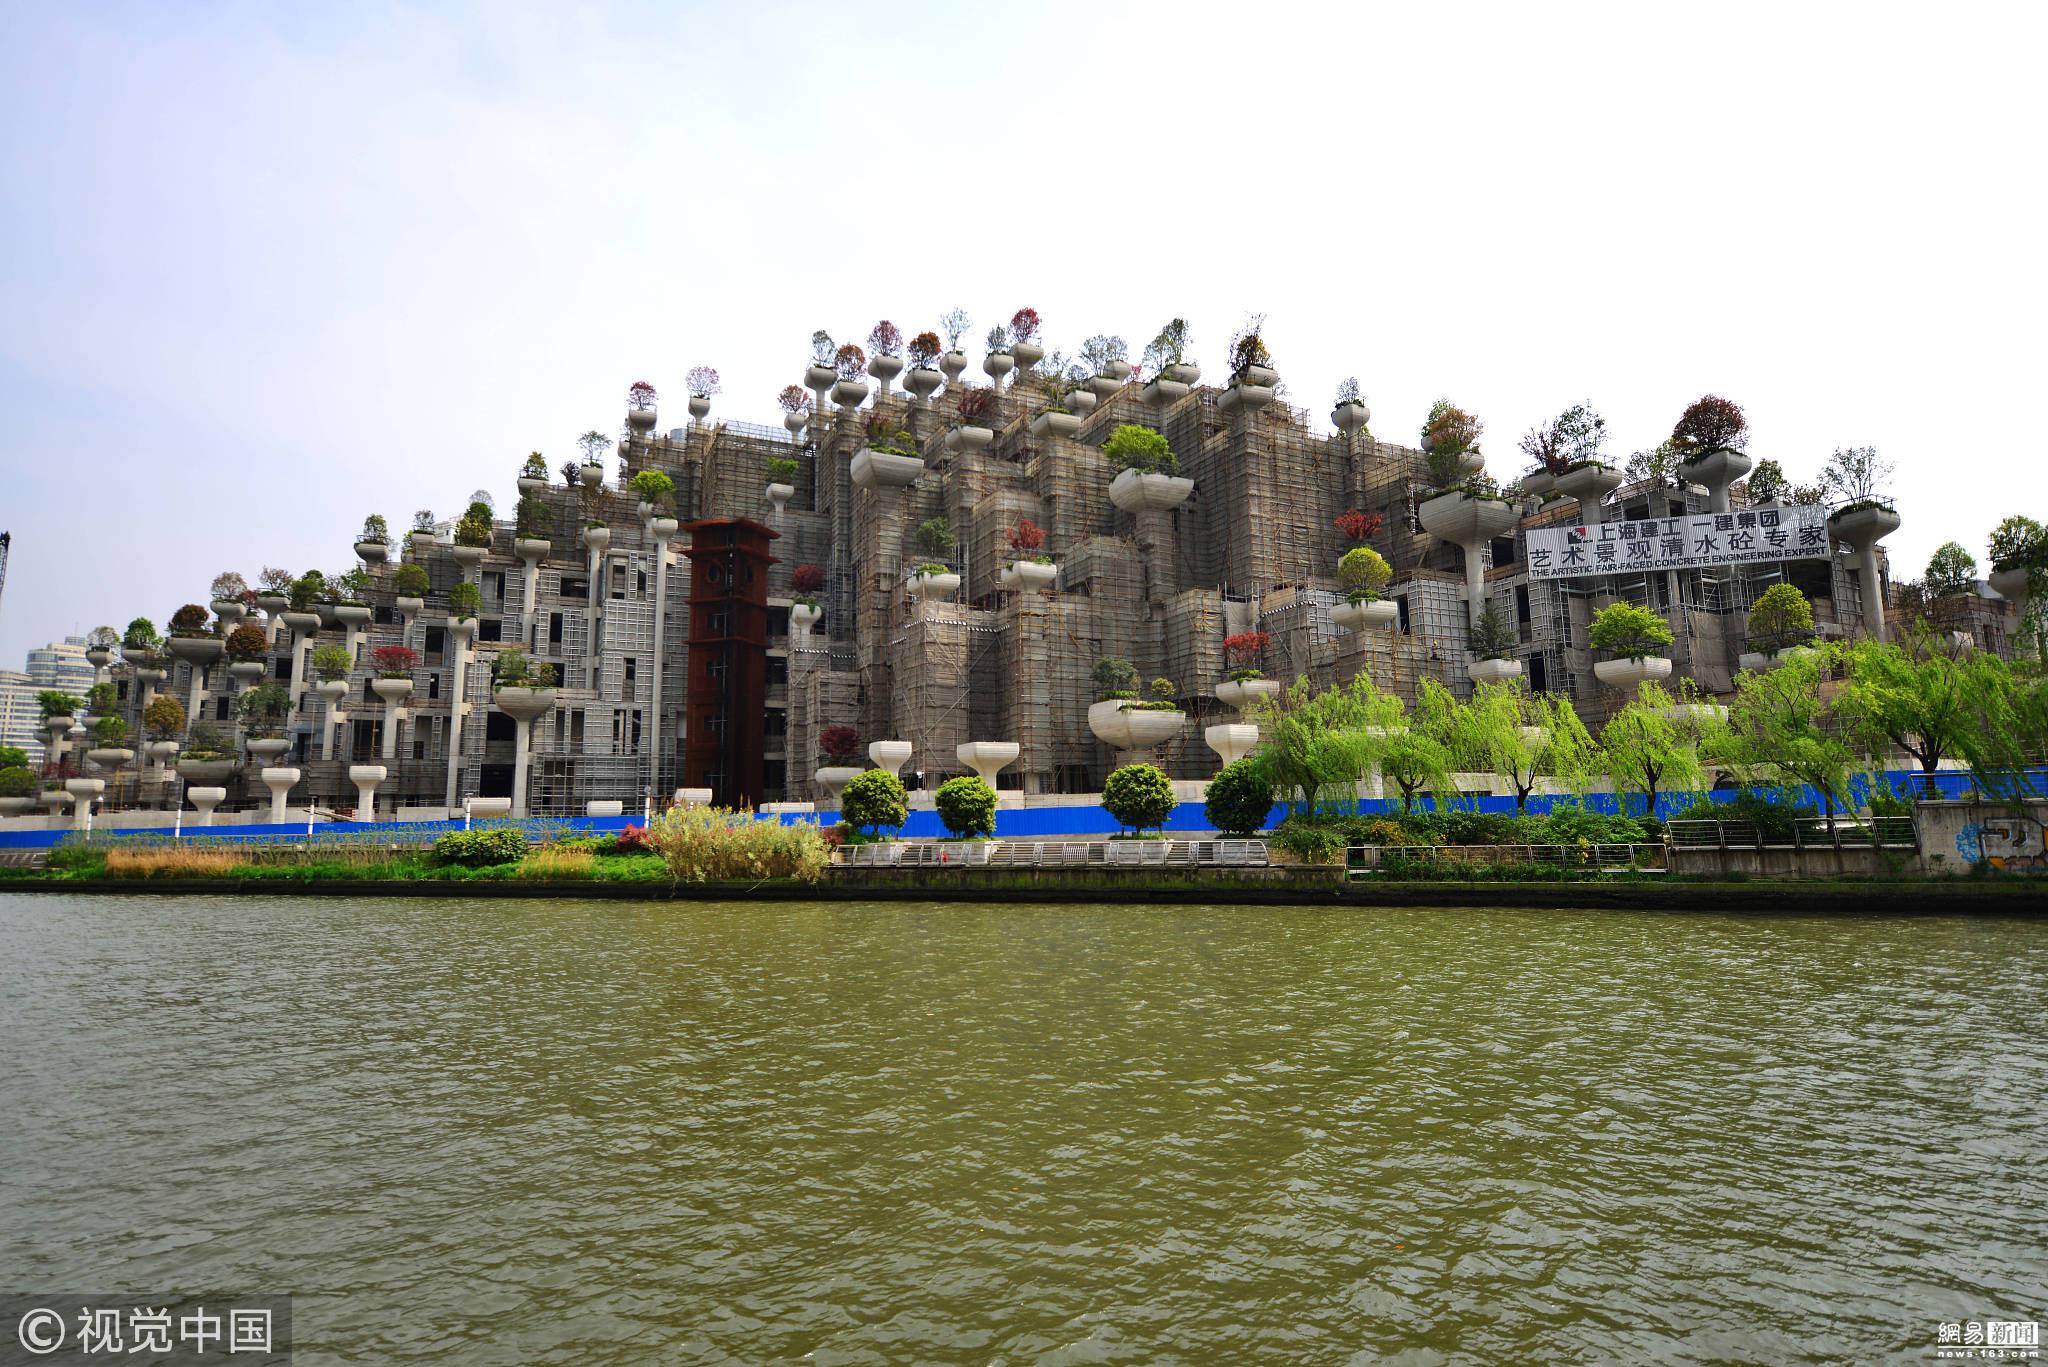 上海现古巴比伦空中花园 如时光穿梭! - 周公乐 - xinhua8848 的博客